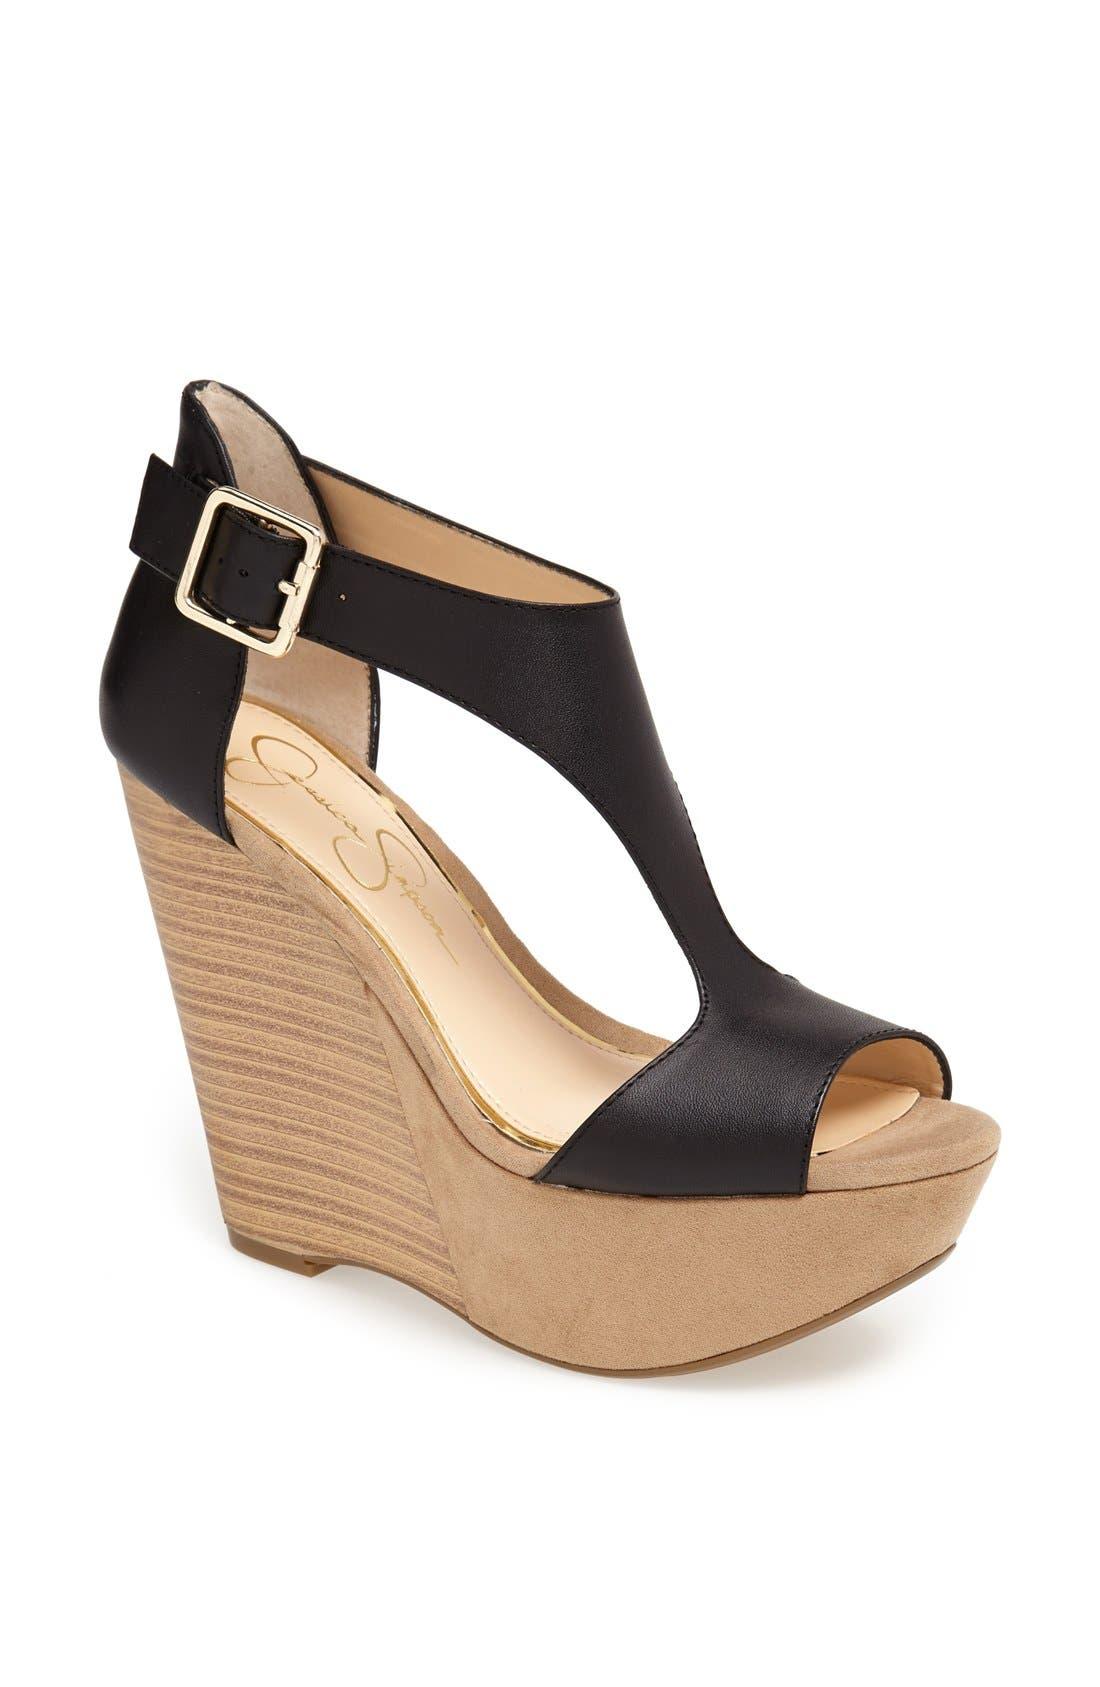 Alternate Image 1 Selected - Jessica Simpson 'Kalachee' Sandal